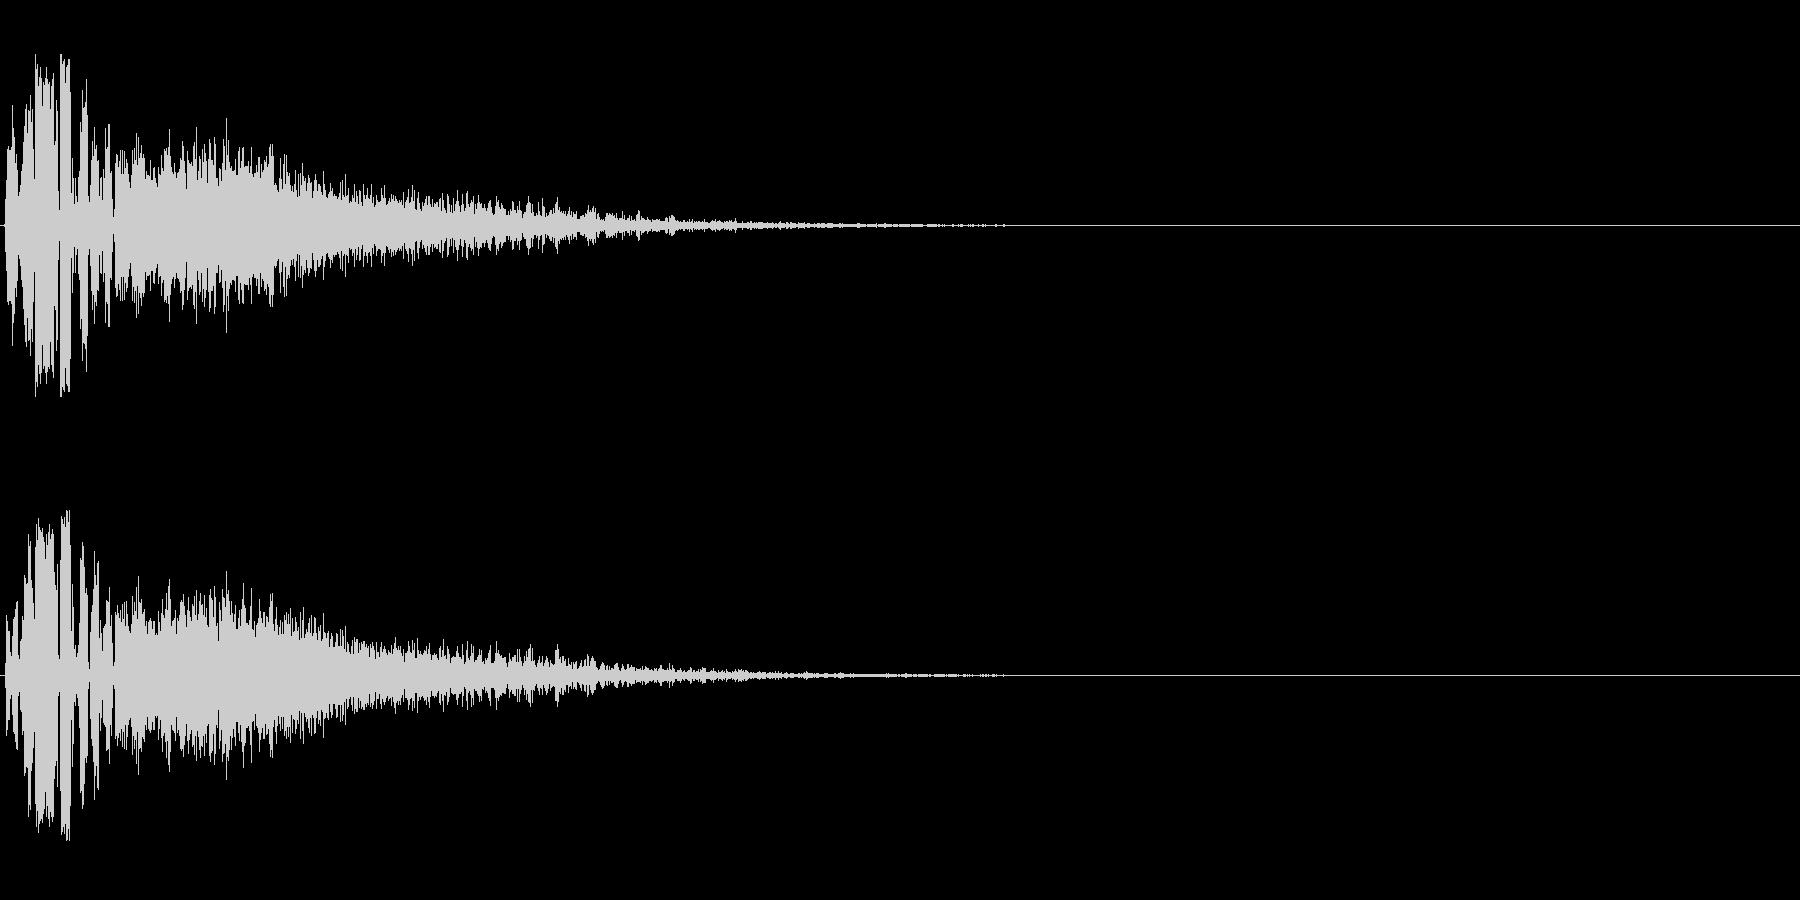 カッコいいFMラジオジングル効果音の未再生の波形